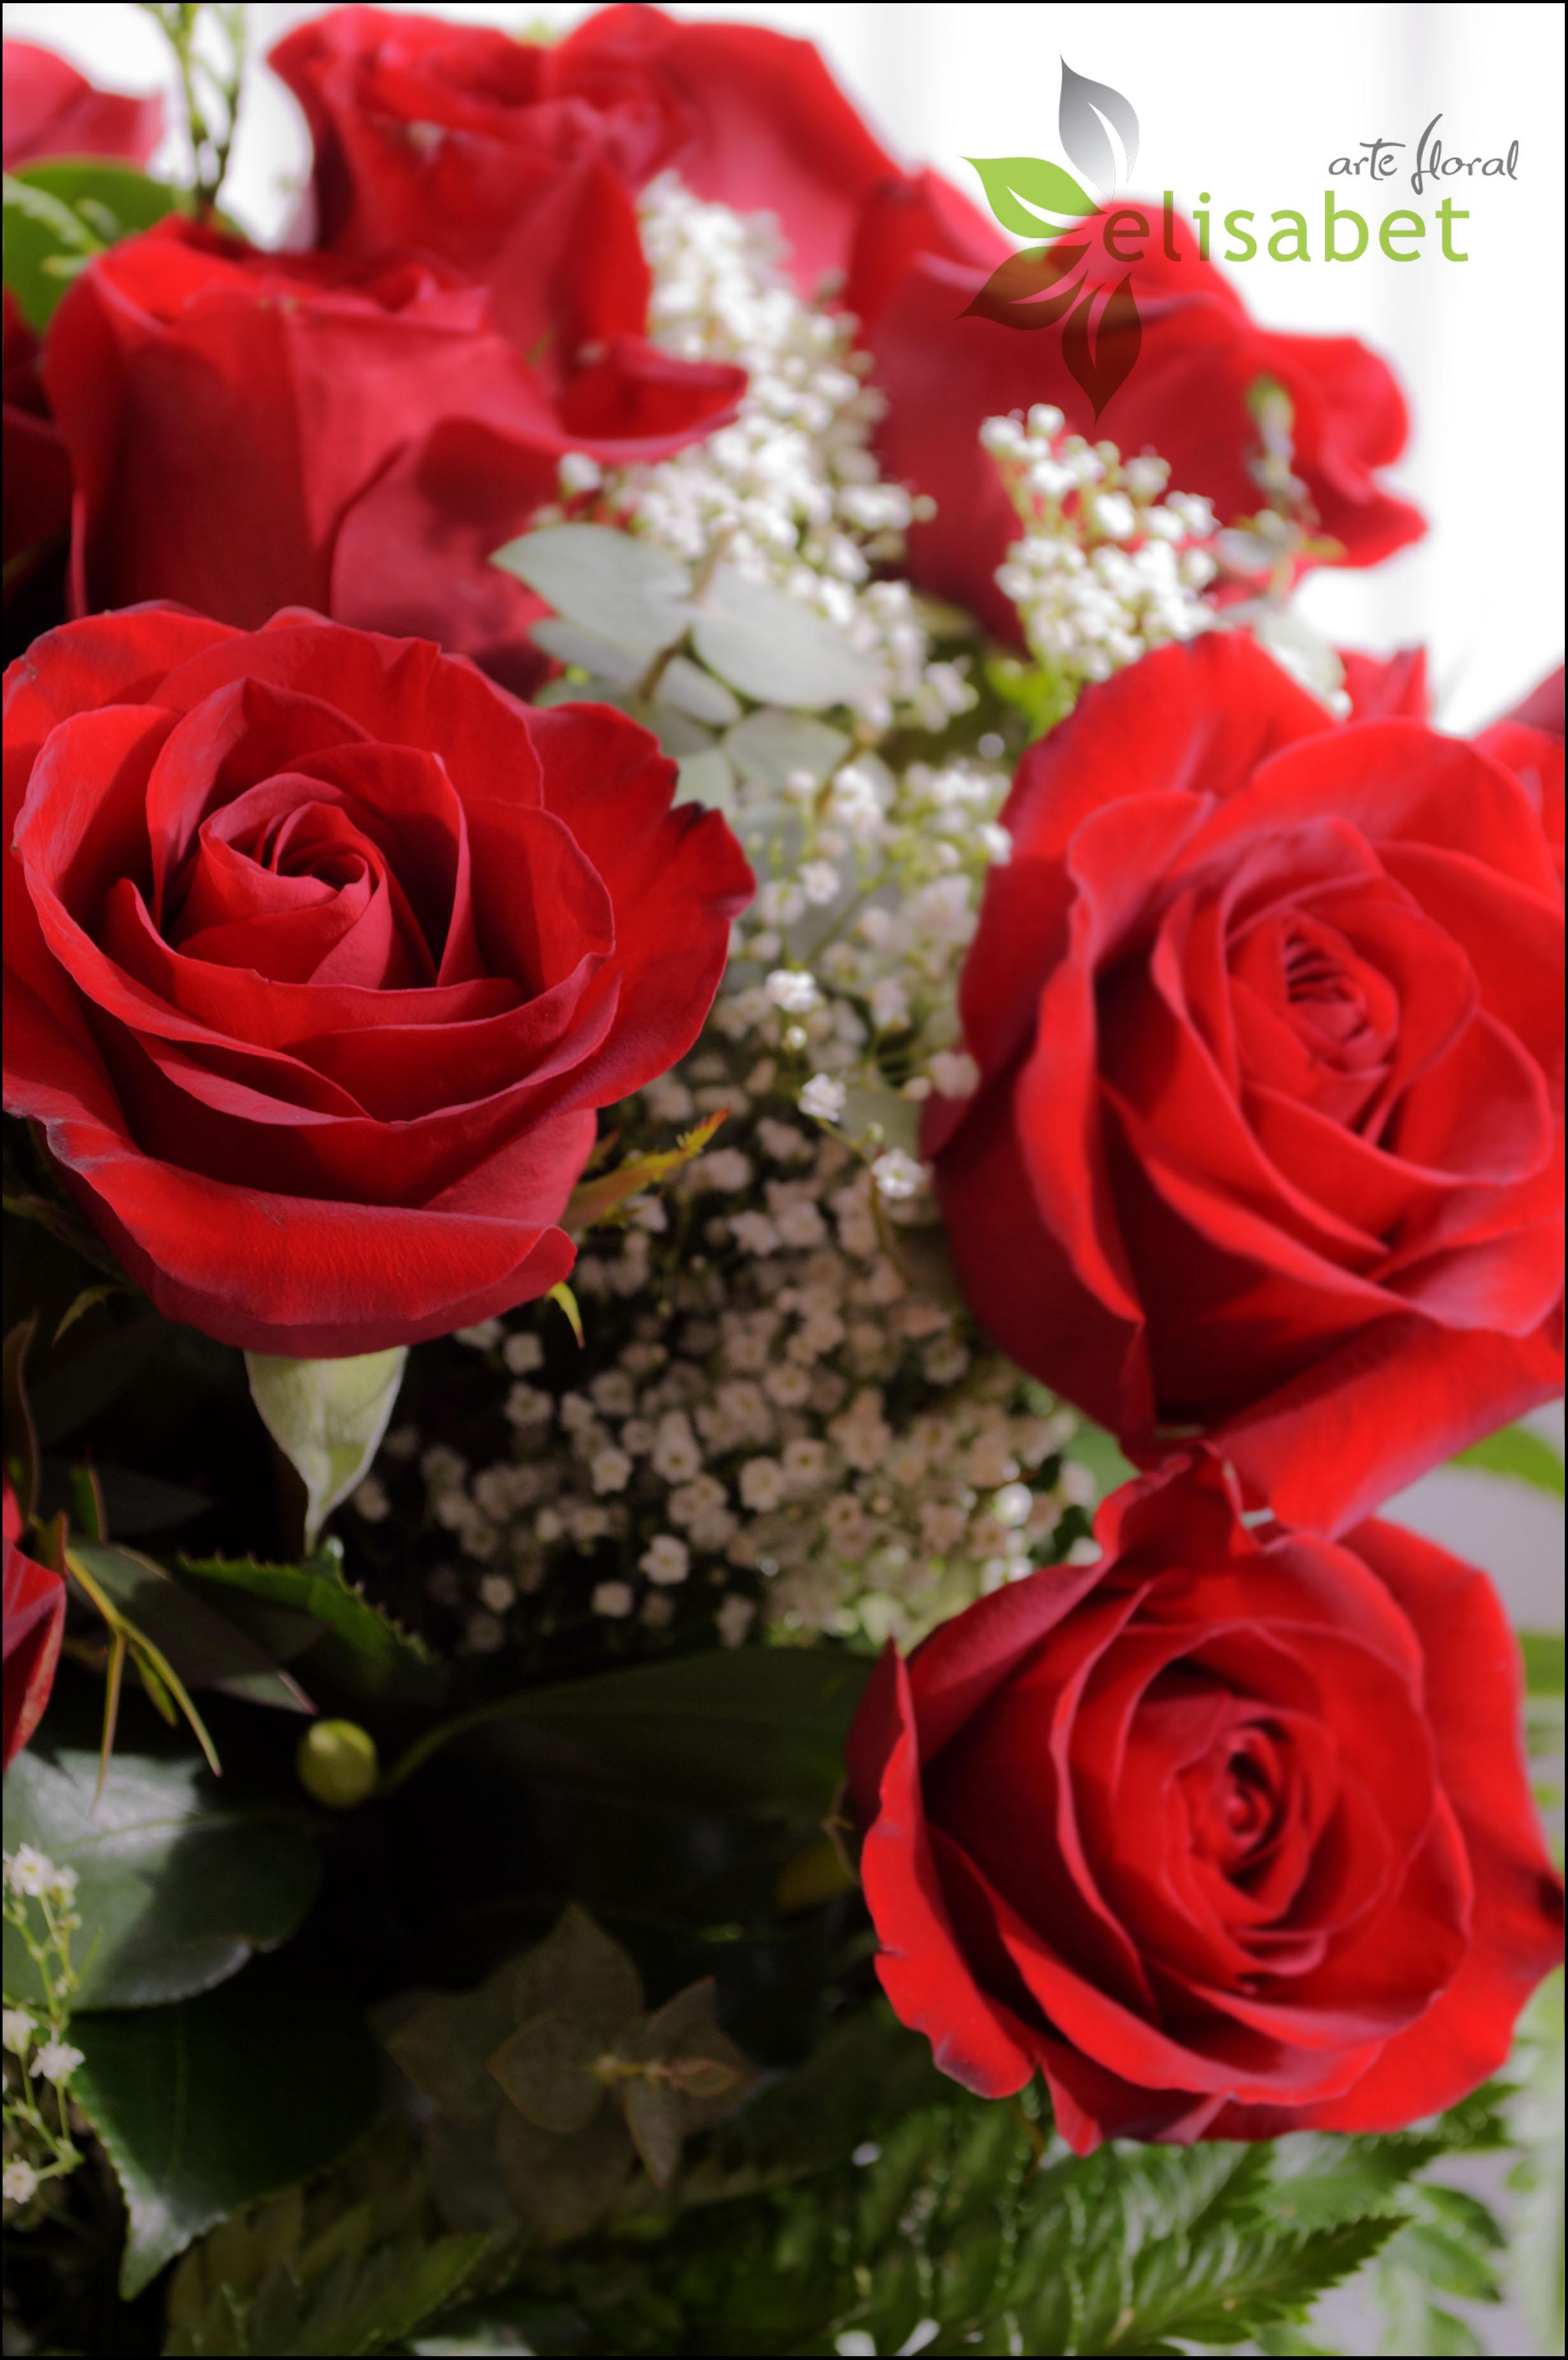 Fotos en hd de ramos de rosas rojas grandes rosas rojas - Ramos de flores grandes ...